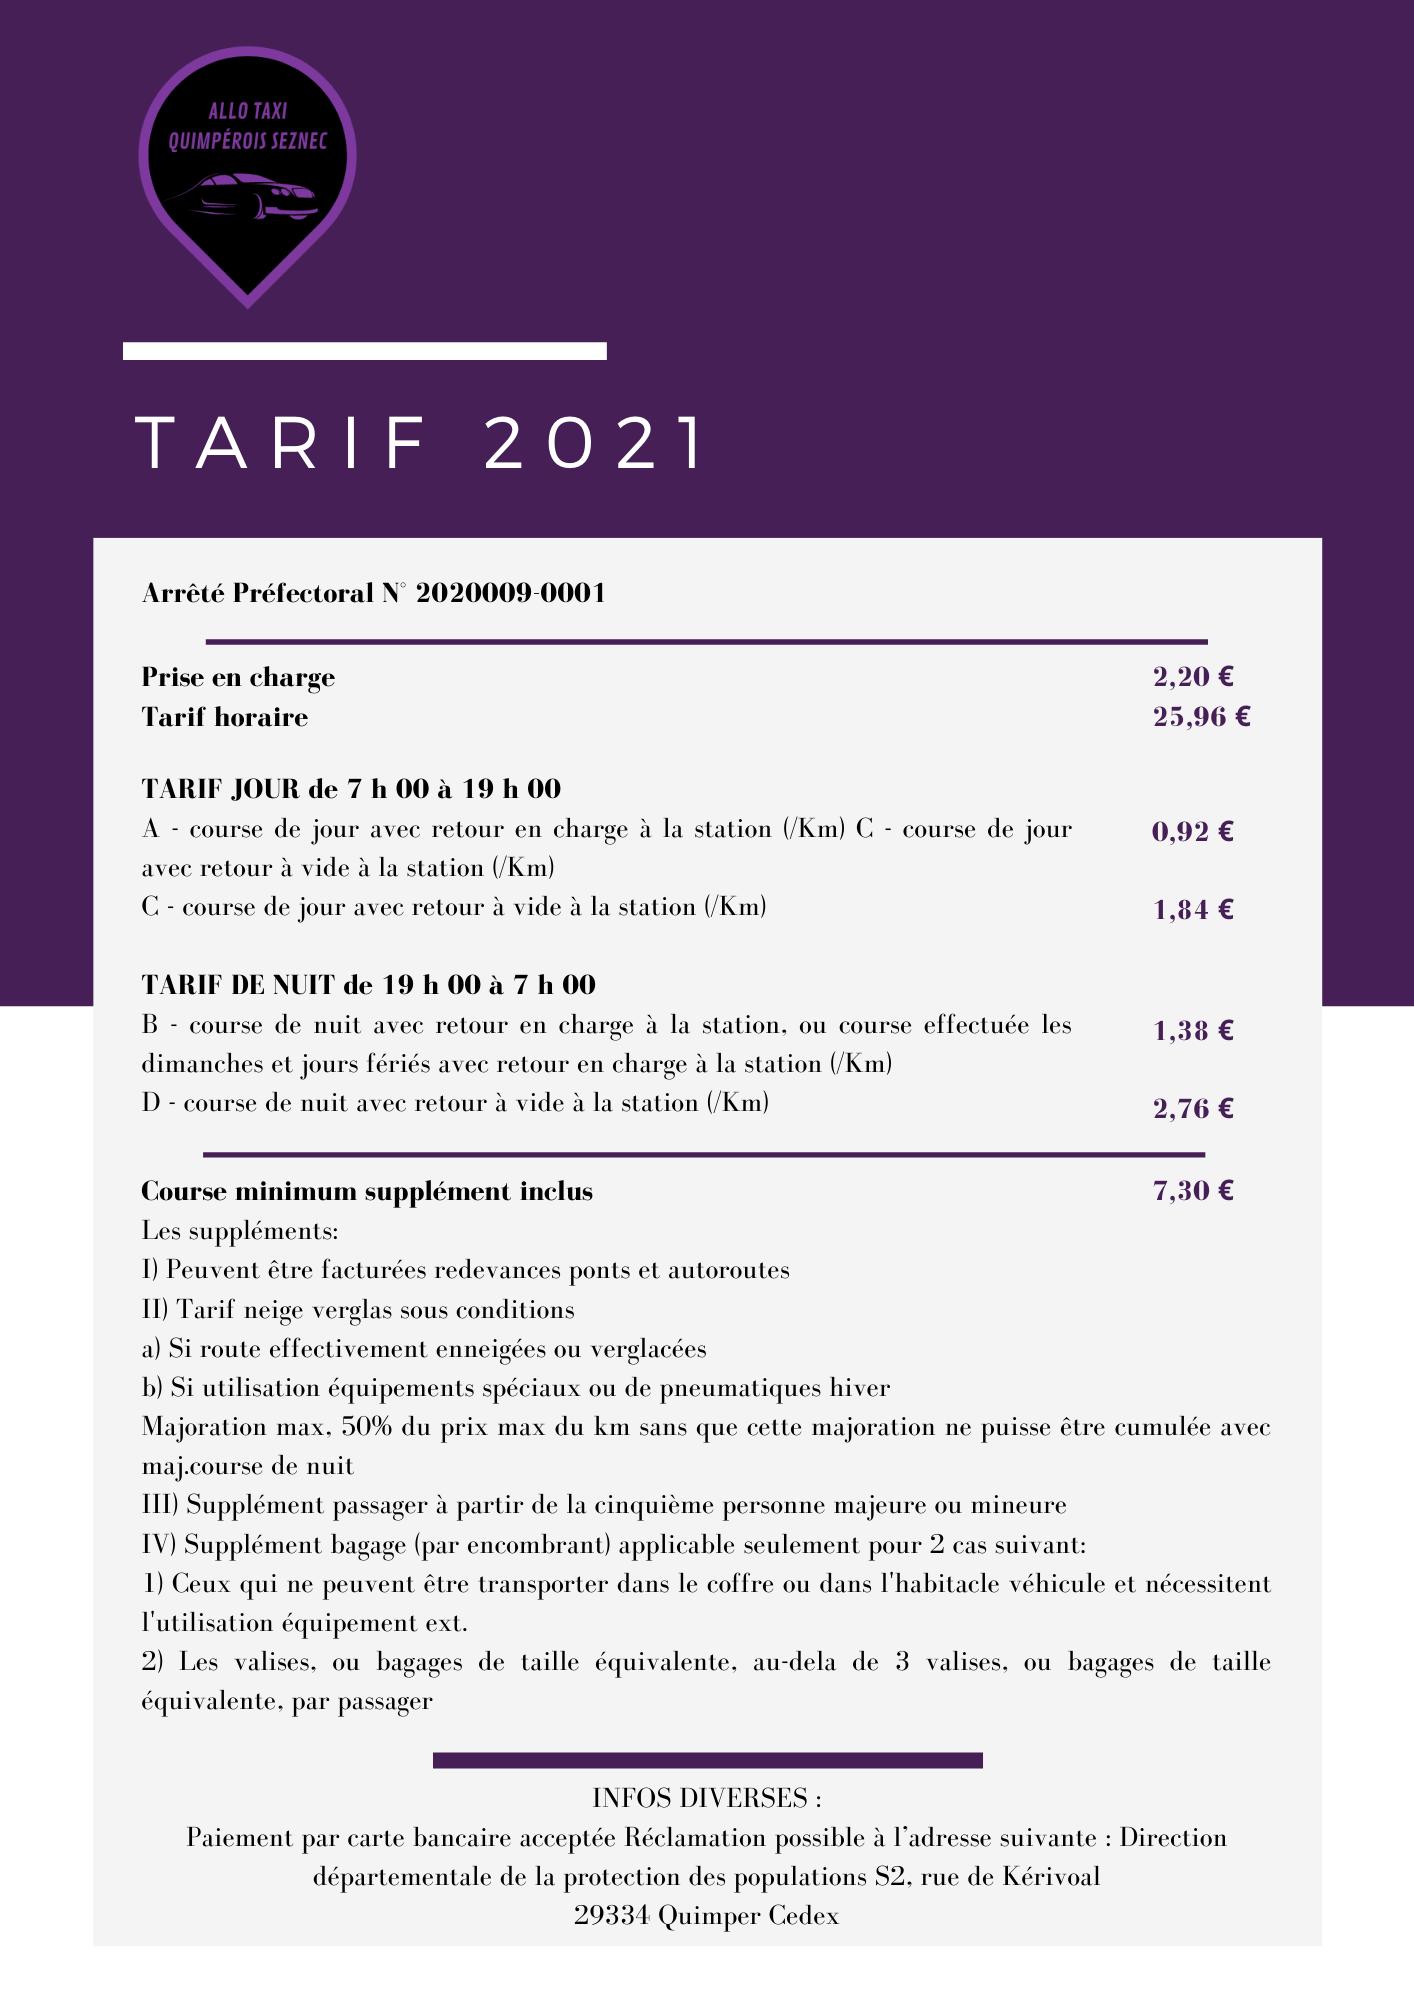 tarif 2021 - Accueil